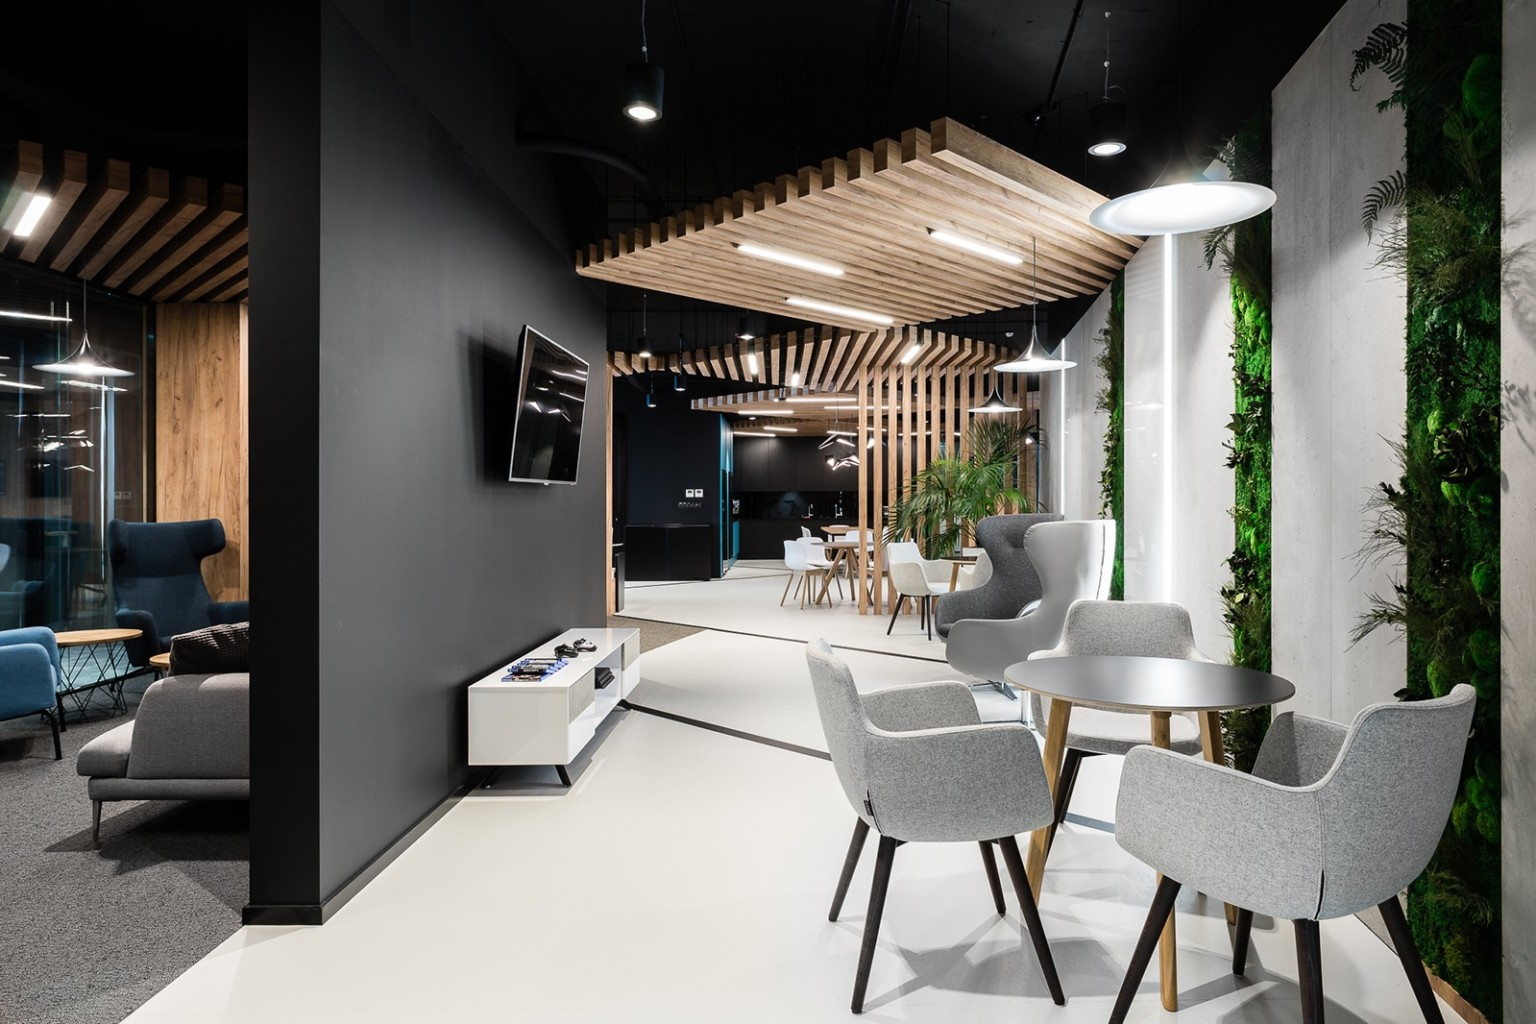 eset-office-krakow-3-768x512@2x.jpg